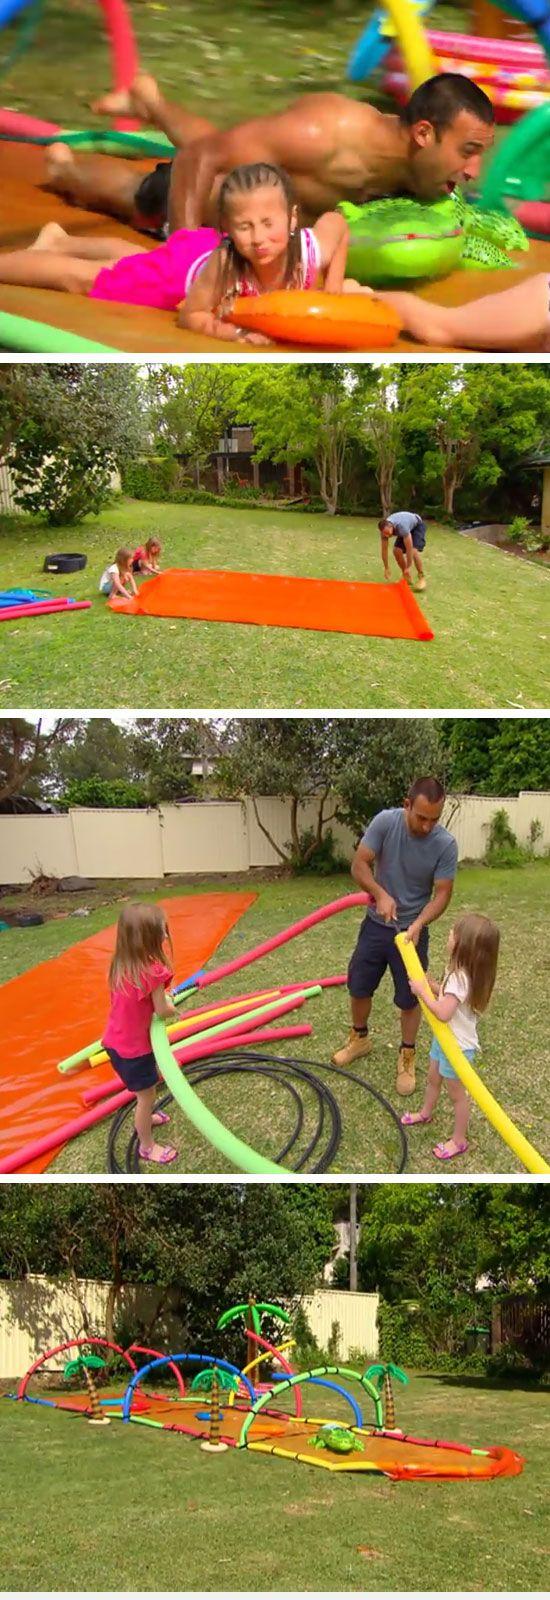 DIY Water Slide   16 DIY Summer Activities for Kids Outside   Fun Summer Ideas for Kids Outside Games